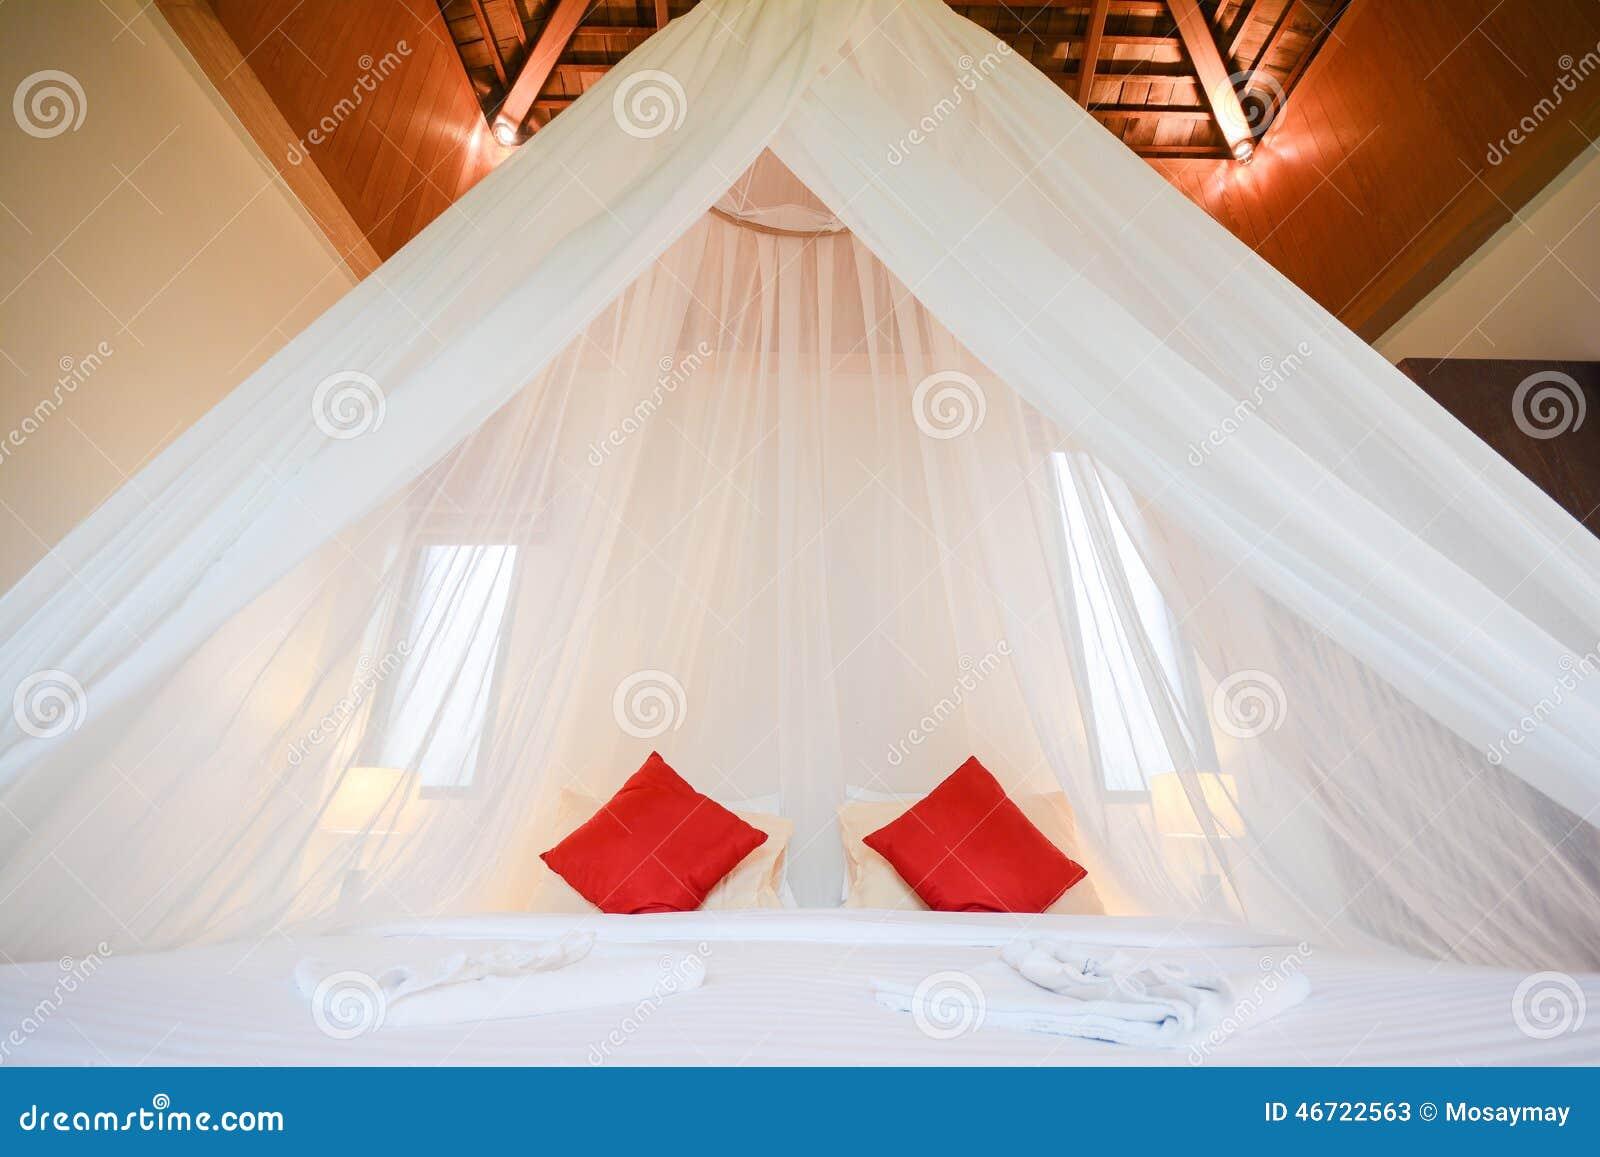 Cupola netta bianca sopra il letto stanza romantica for Stanza sopra il garage